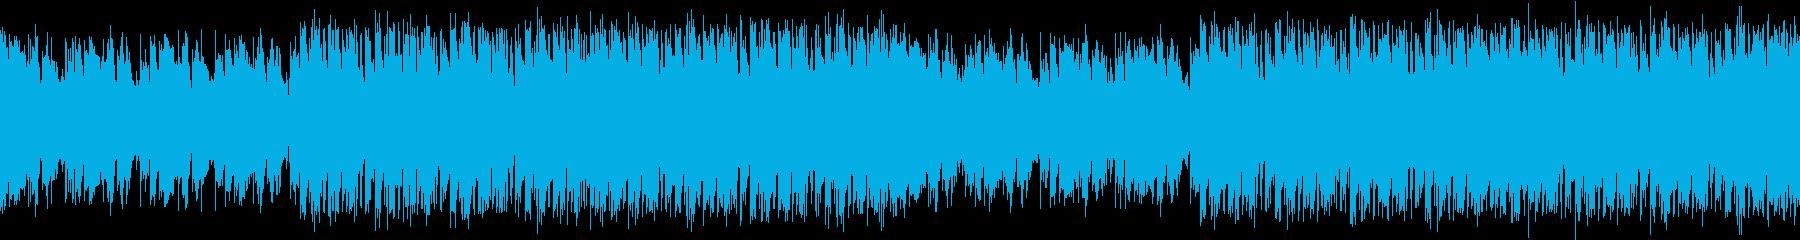 3度おいしいノスタルジックなループBGMの再生済みの波形